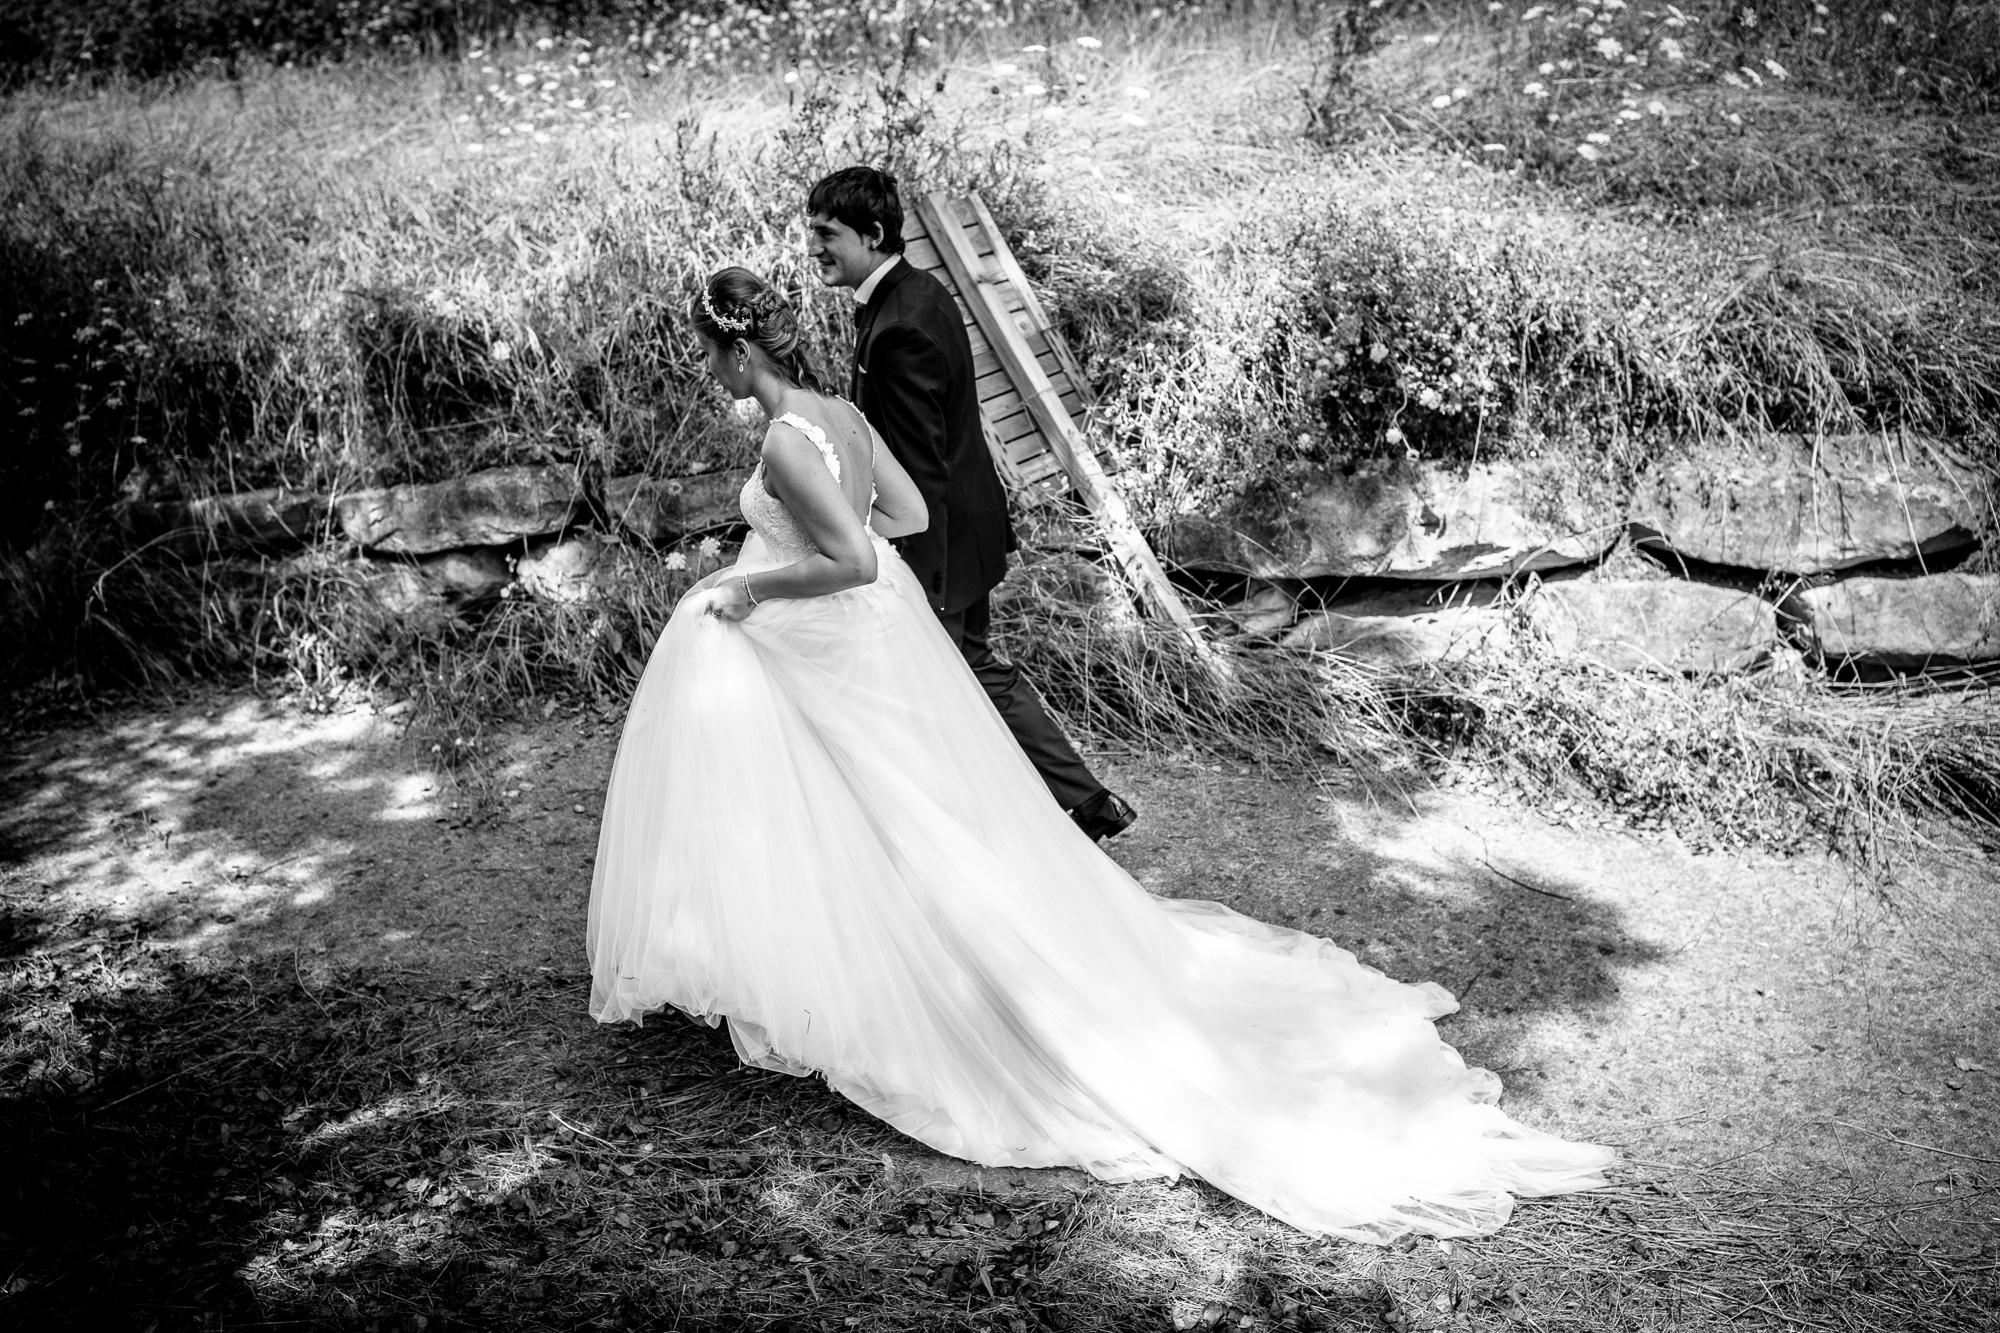 CEREMONIA. - ARGAZKI MAHATU, Photography & films.